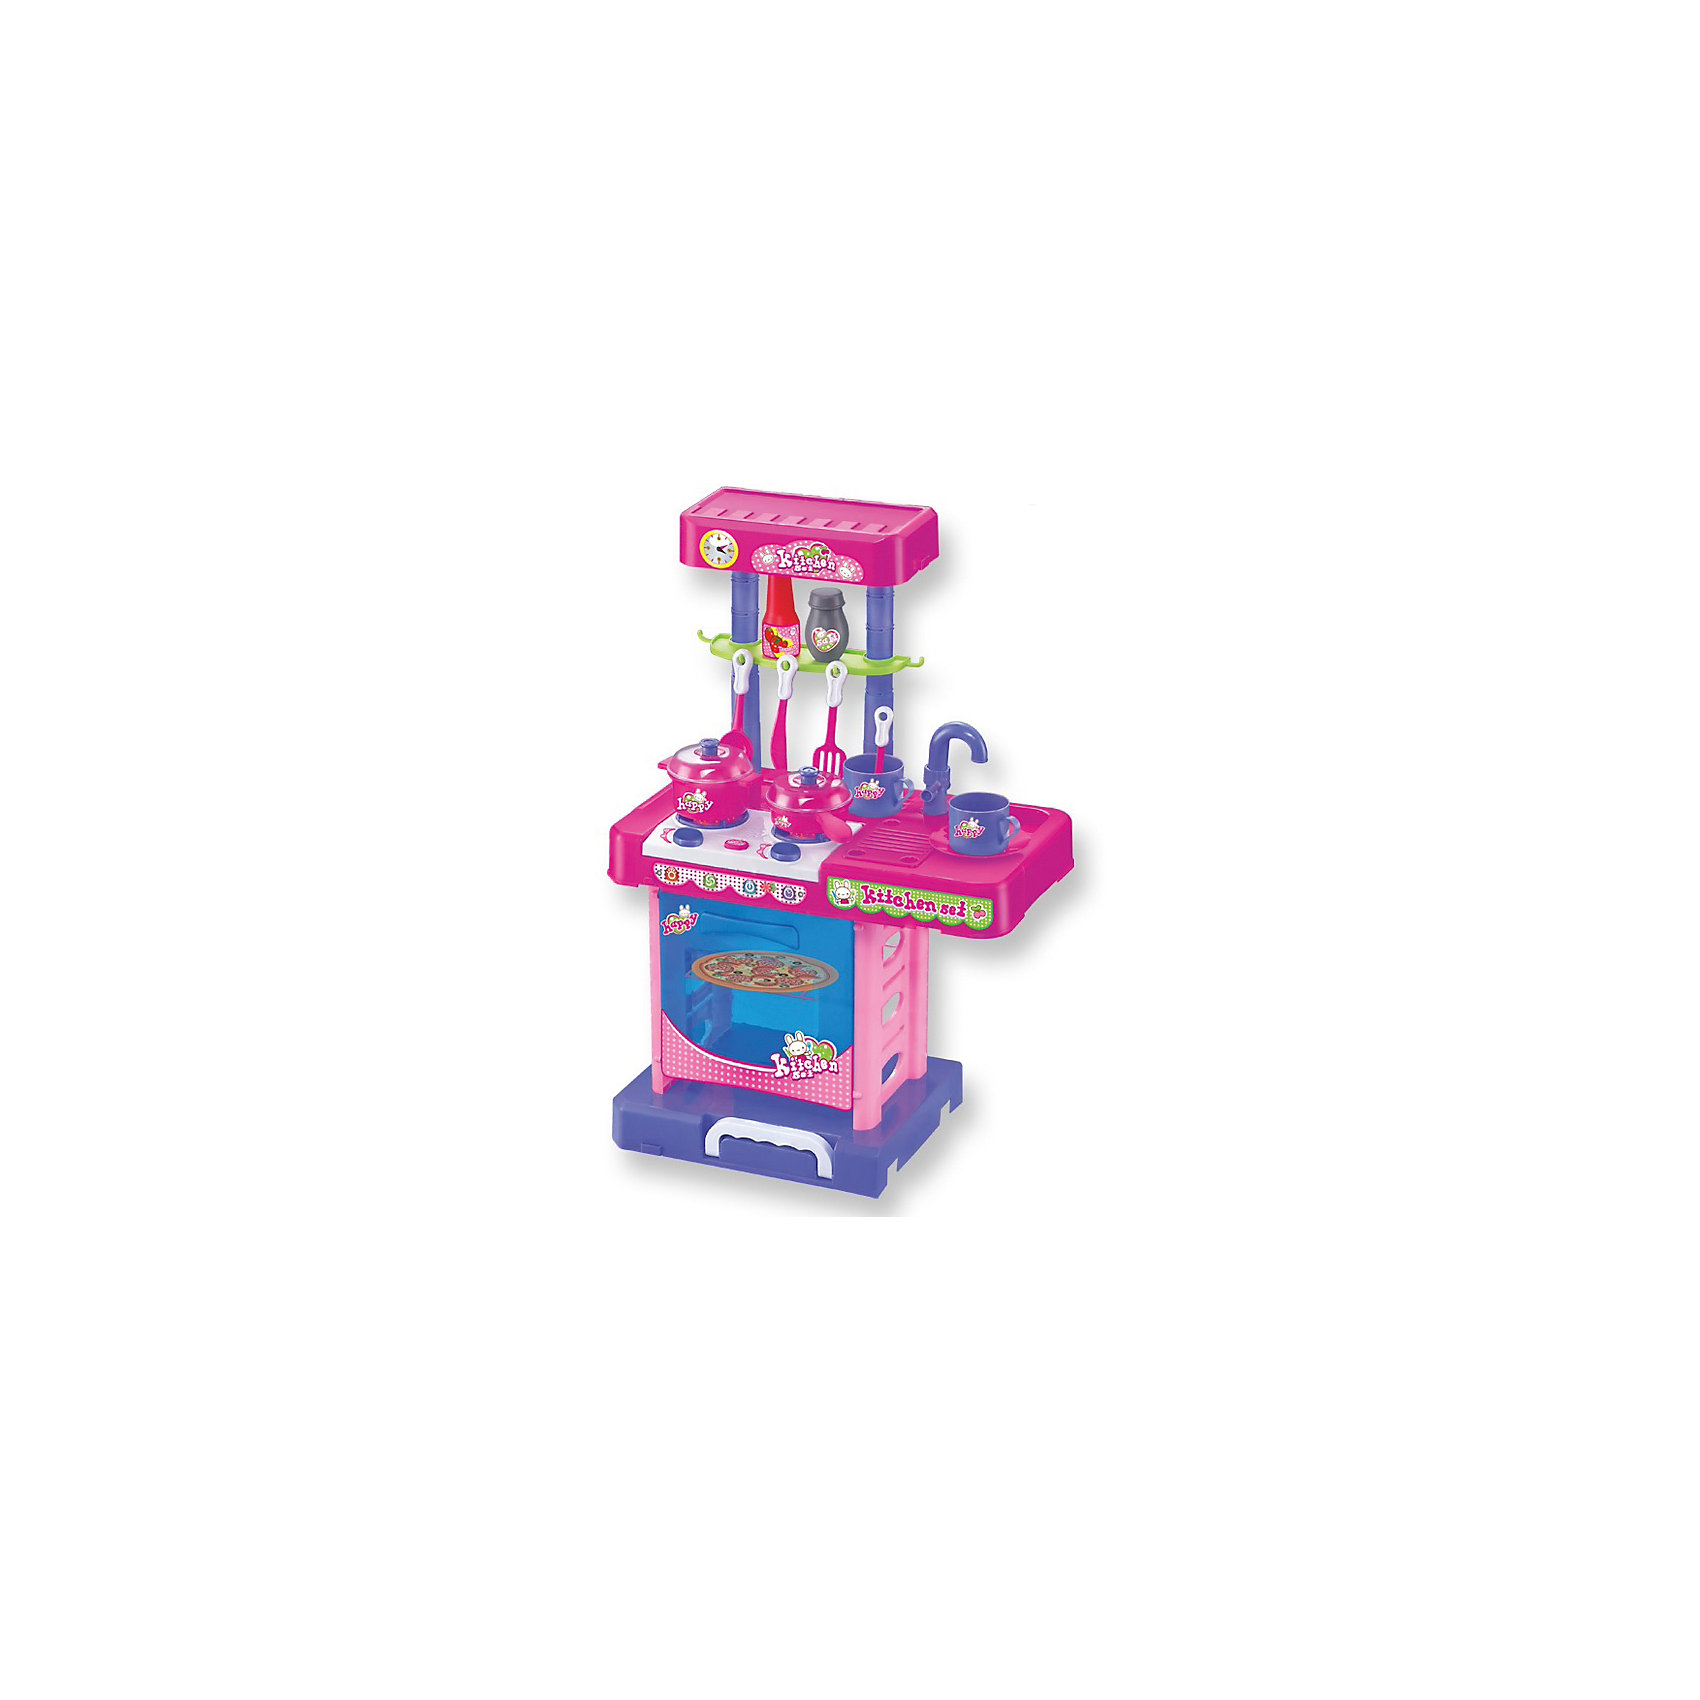 Игровой набор Шеф-повар в чемоданчике, сборный, со светом и звуком, ALTACTOДетские кухни<br>Теперь у вашего ребёнка появилась интересная возможность научиться хозяйничать на кухне. Это можно сделать абсолютно безопасно и весело, так как детская игрушечная кухня очень похожа на настоящую. Все детали помещаются в чемоданчик с ручкой. Игровой набор включает духовой шкаф с открывающейся дверцей, 2 конфорки, которые светятся и издают звук приготовления пищи. При нажатии на кнопку работает таймер. Есть раковина с краном. Сверху устанавливается полочка. <br><br>Дополнительная информация:<br><br>В комплекте: 12 аксессуаров (столовые приборы, посуда, специи), пицца, овощи и фрукты, наклейки для украшения, инструкция. Развивает логическое мышление, воображение, мелкую моторику и коммуникабельность.<br>Работает от 3х батареек (не входят в комплект).<br><br>Ширина мм: 480<br>Глубина мм: 120<br>Высота мм: 310<br>Вес г: 1790<br>Возраст от месяцев: 36<br>Возраст до месяцев: 84<br>Пол: Женский<br>Возраст: Детский<br>SKU: 4342833